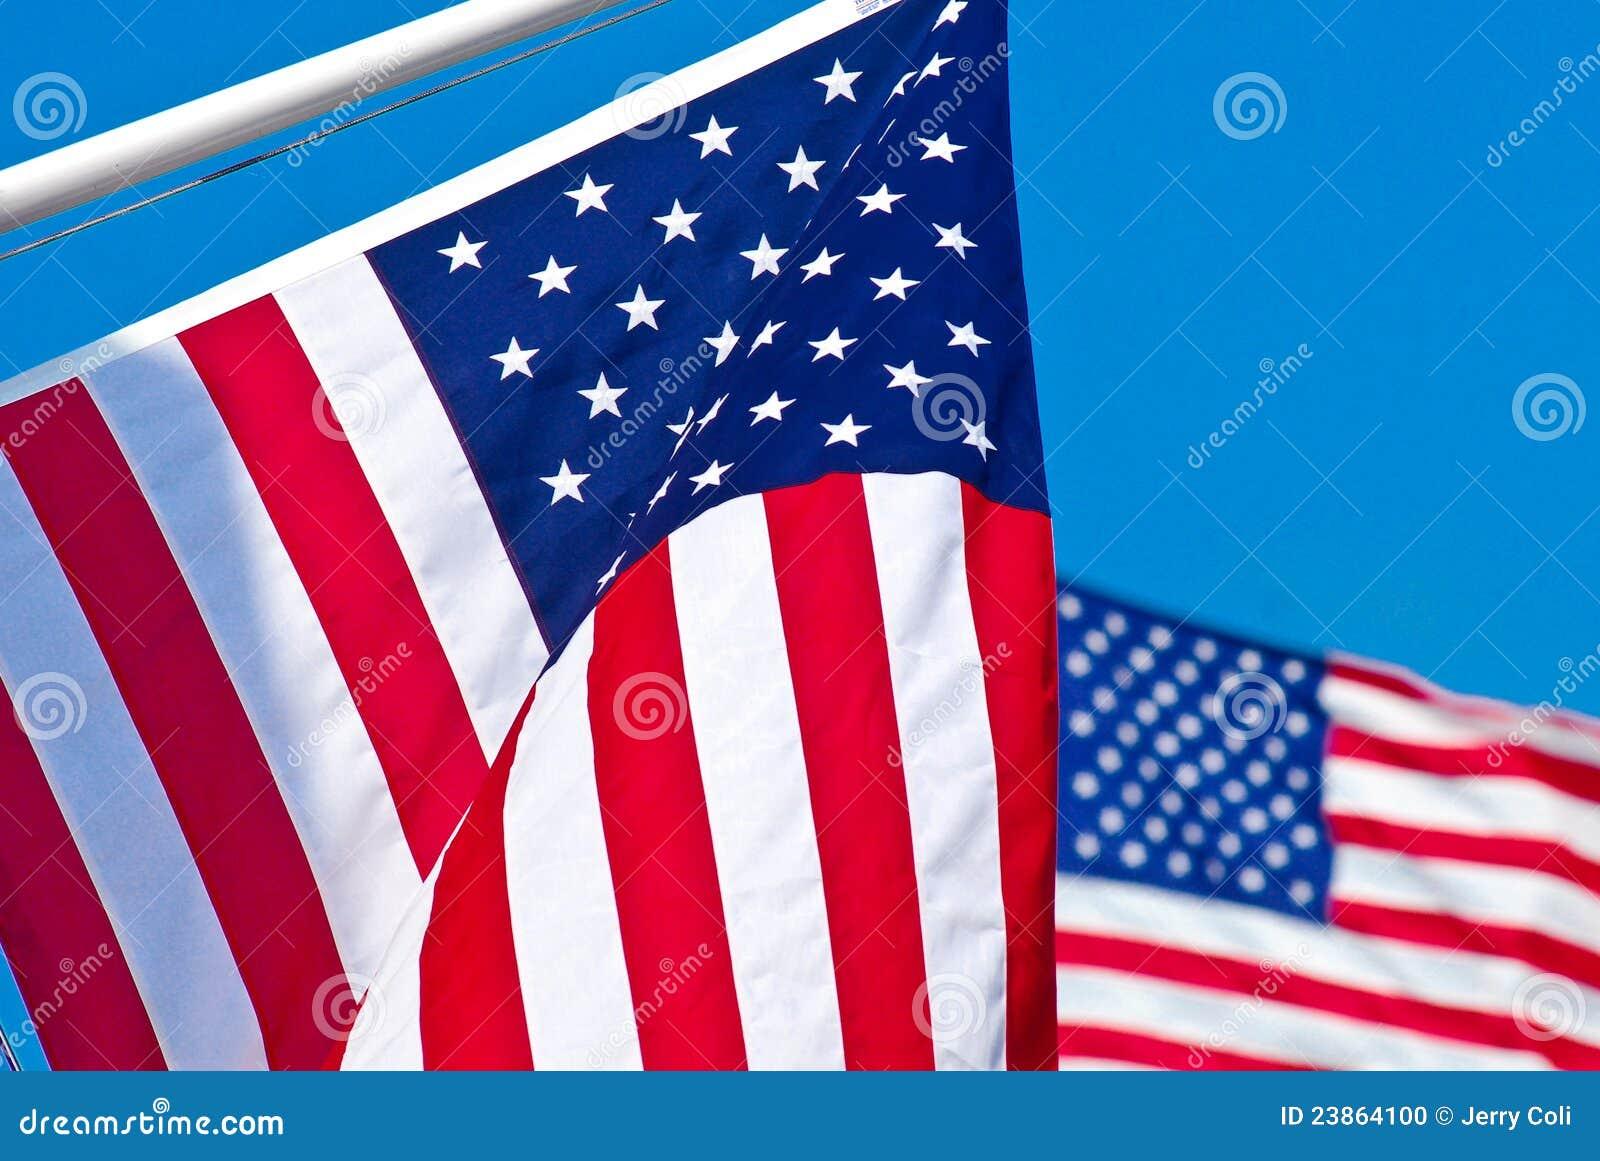 Duas bandeiras americanas.